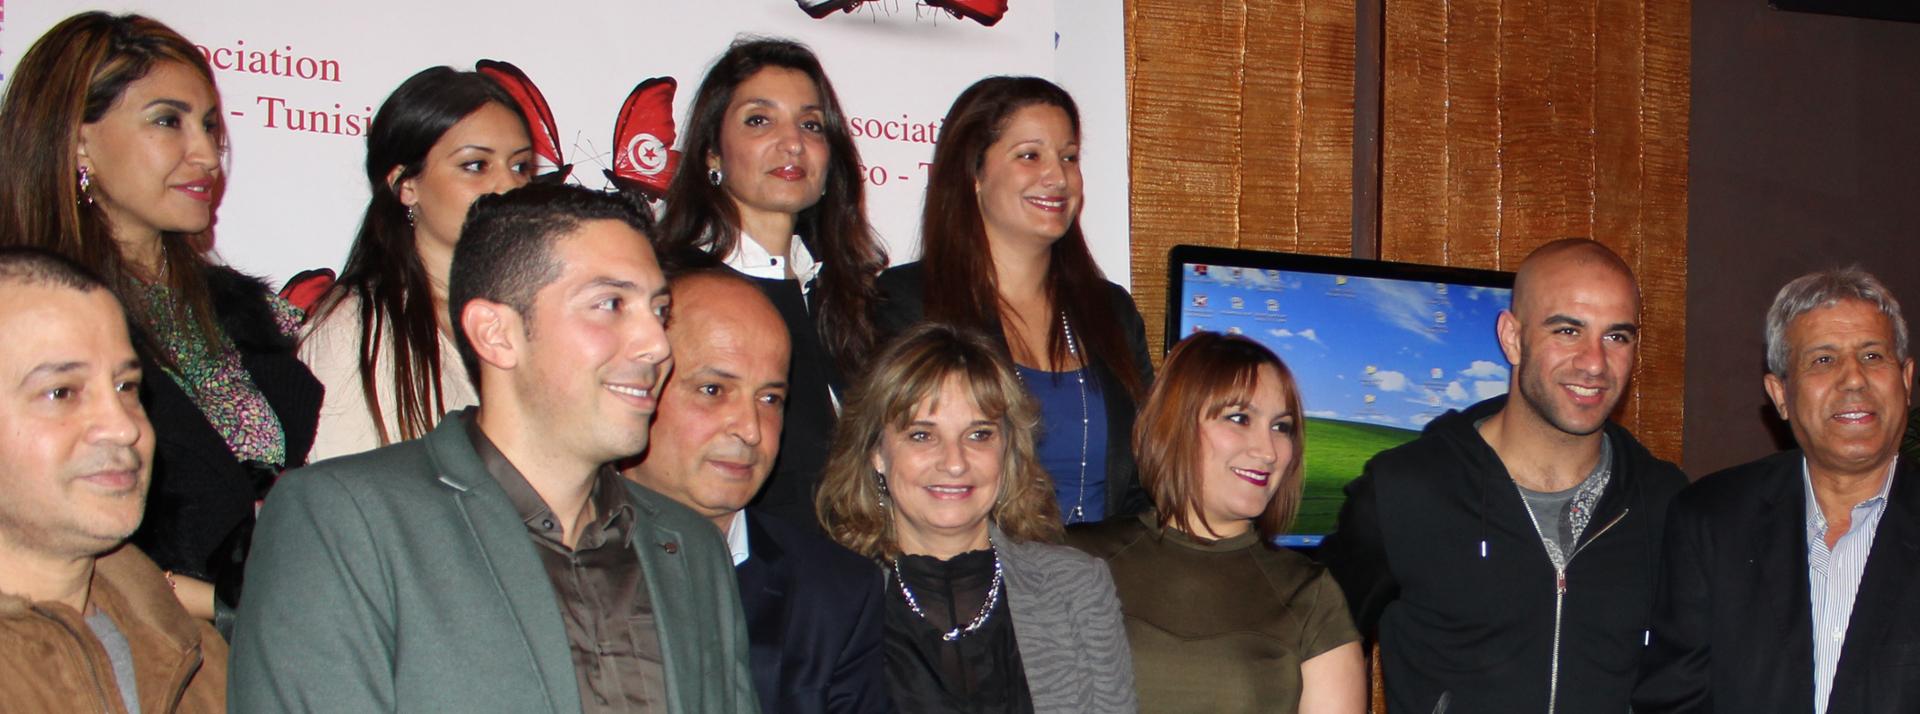 Soirée d'inauguration de notre association Monaco-Tunisie